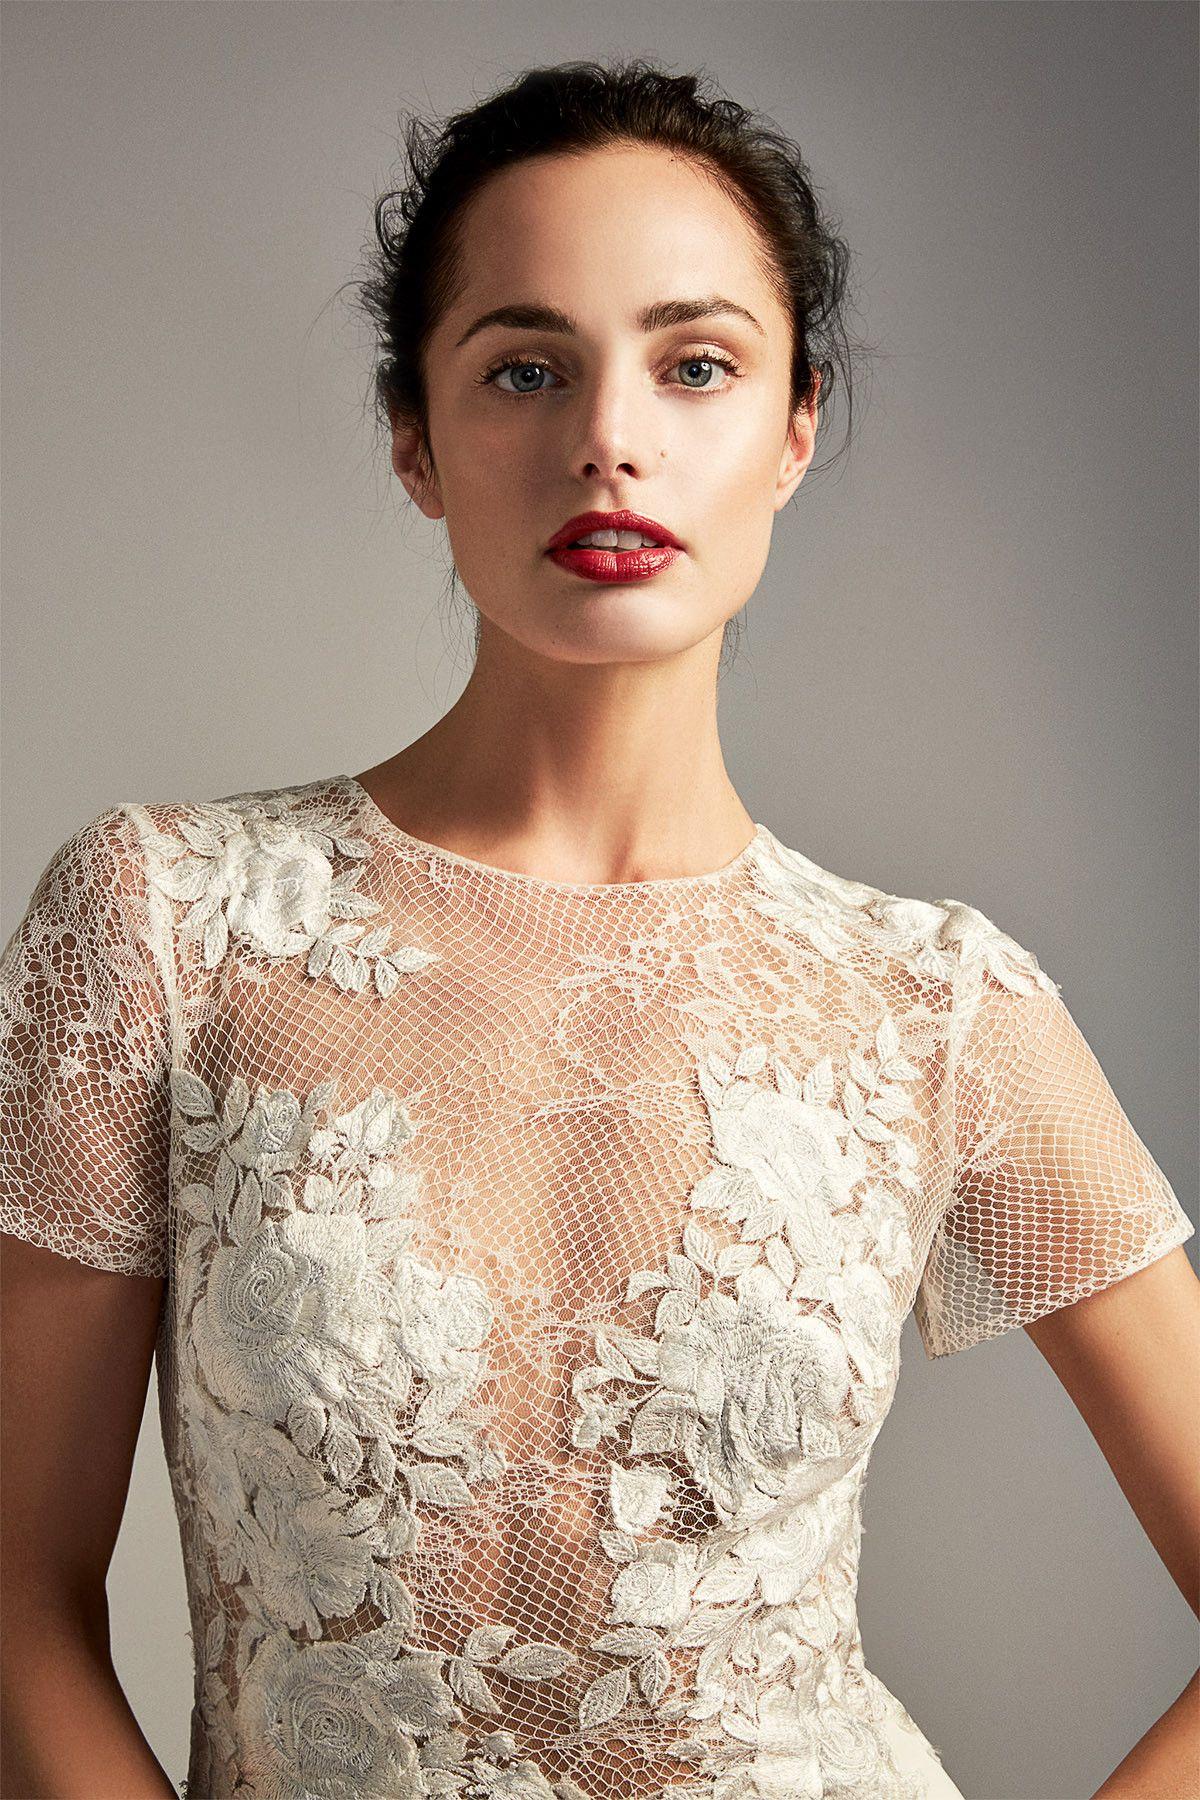 Wunderbar Feiertagsarbeit Partykleid Fotos - Brautkleider Ideen ...